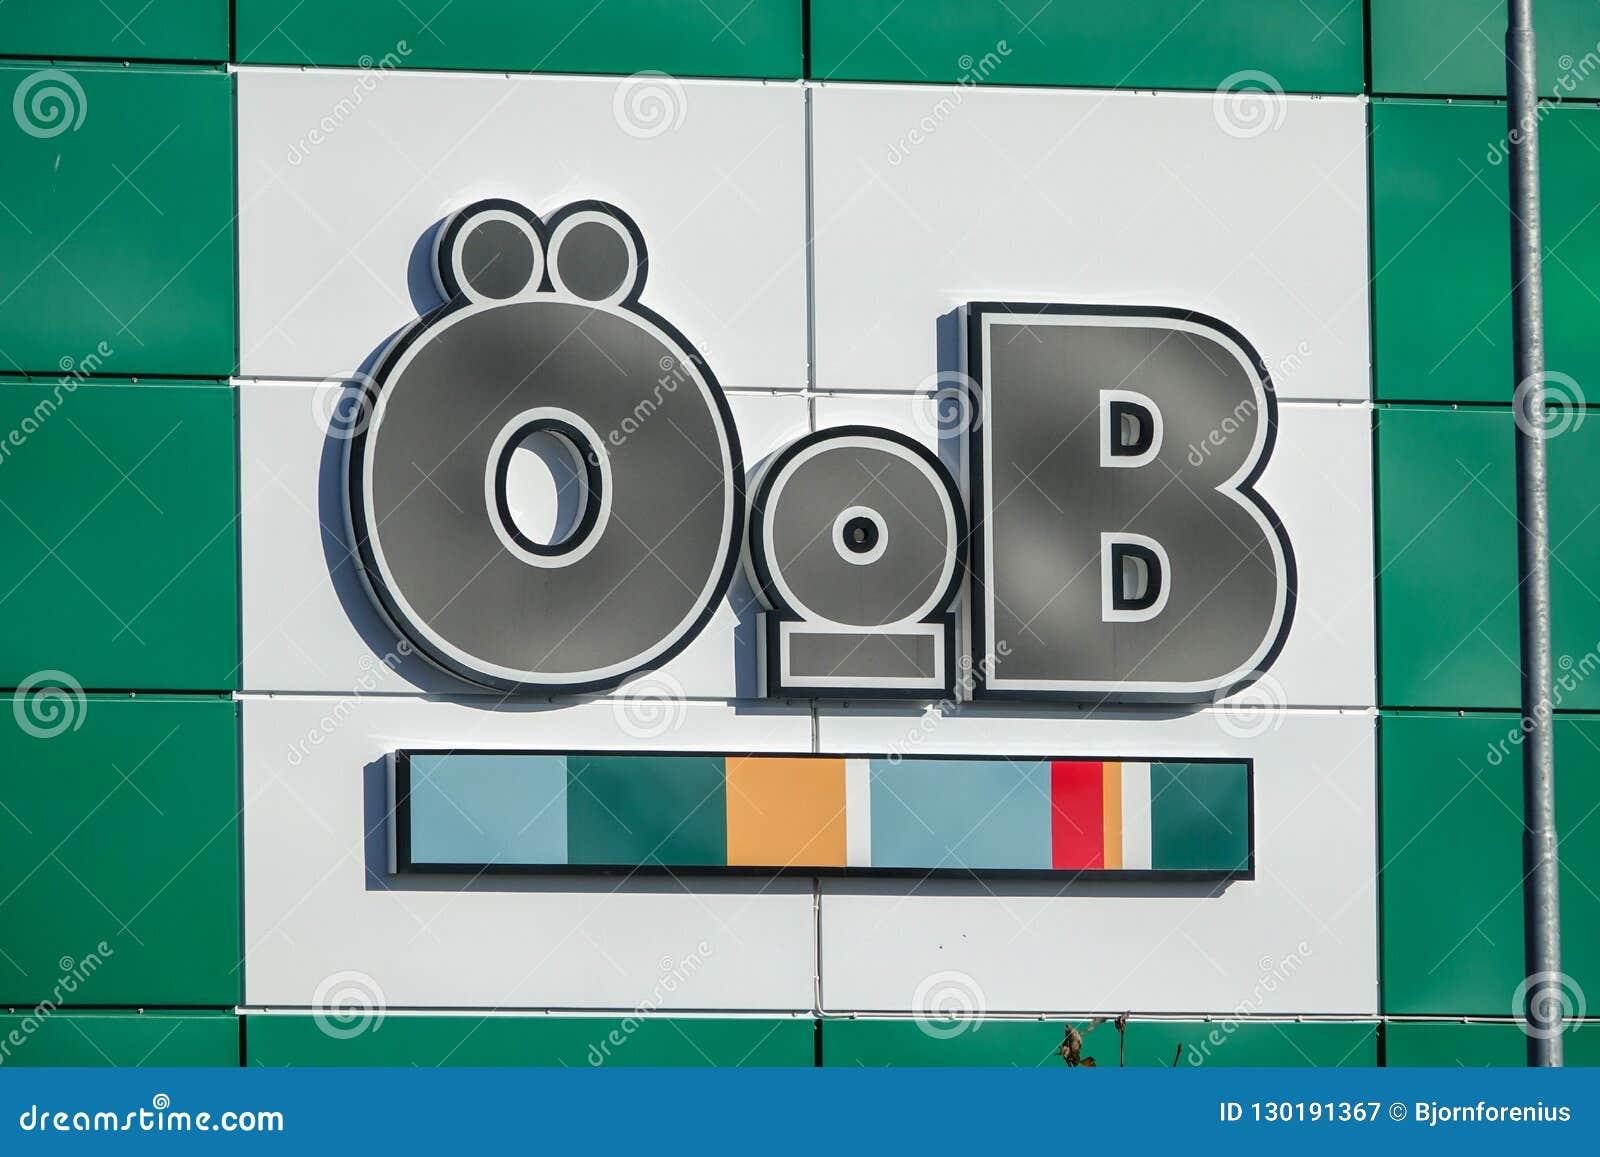 Ã-oB curto para Ã-verskottsbolaget, loja de desconto sueco